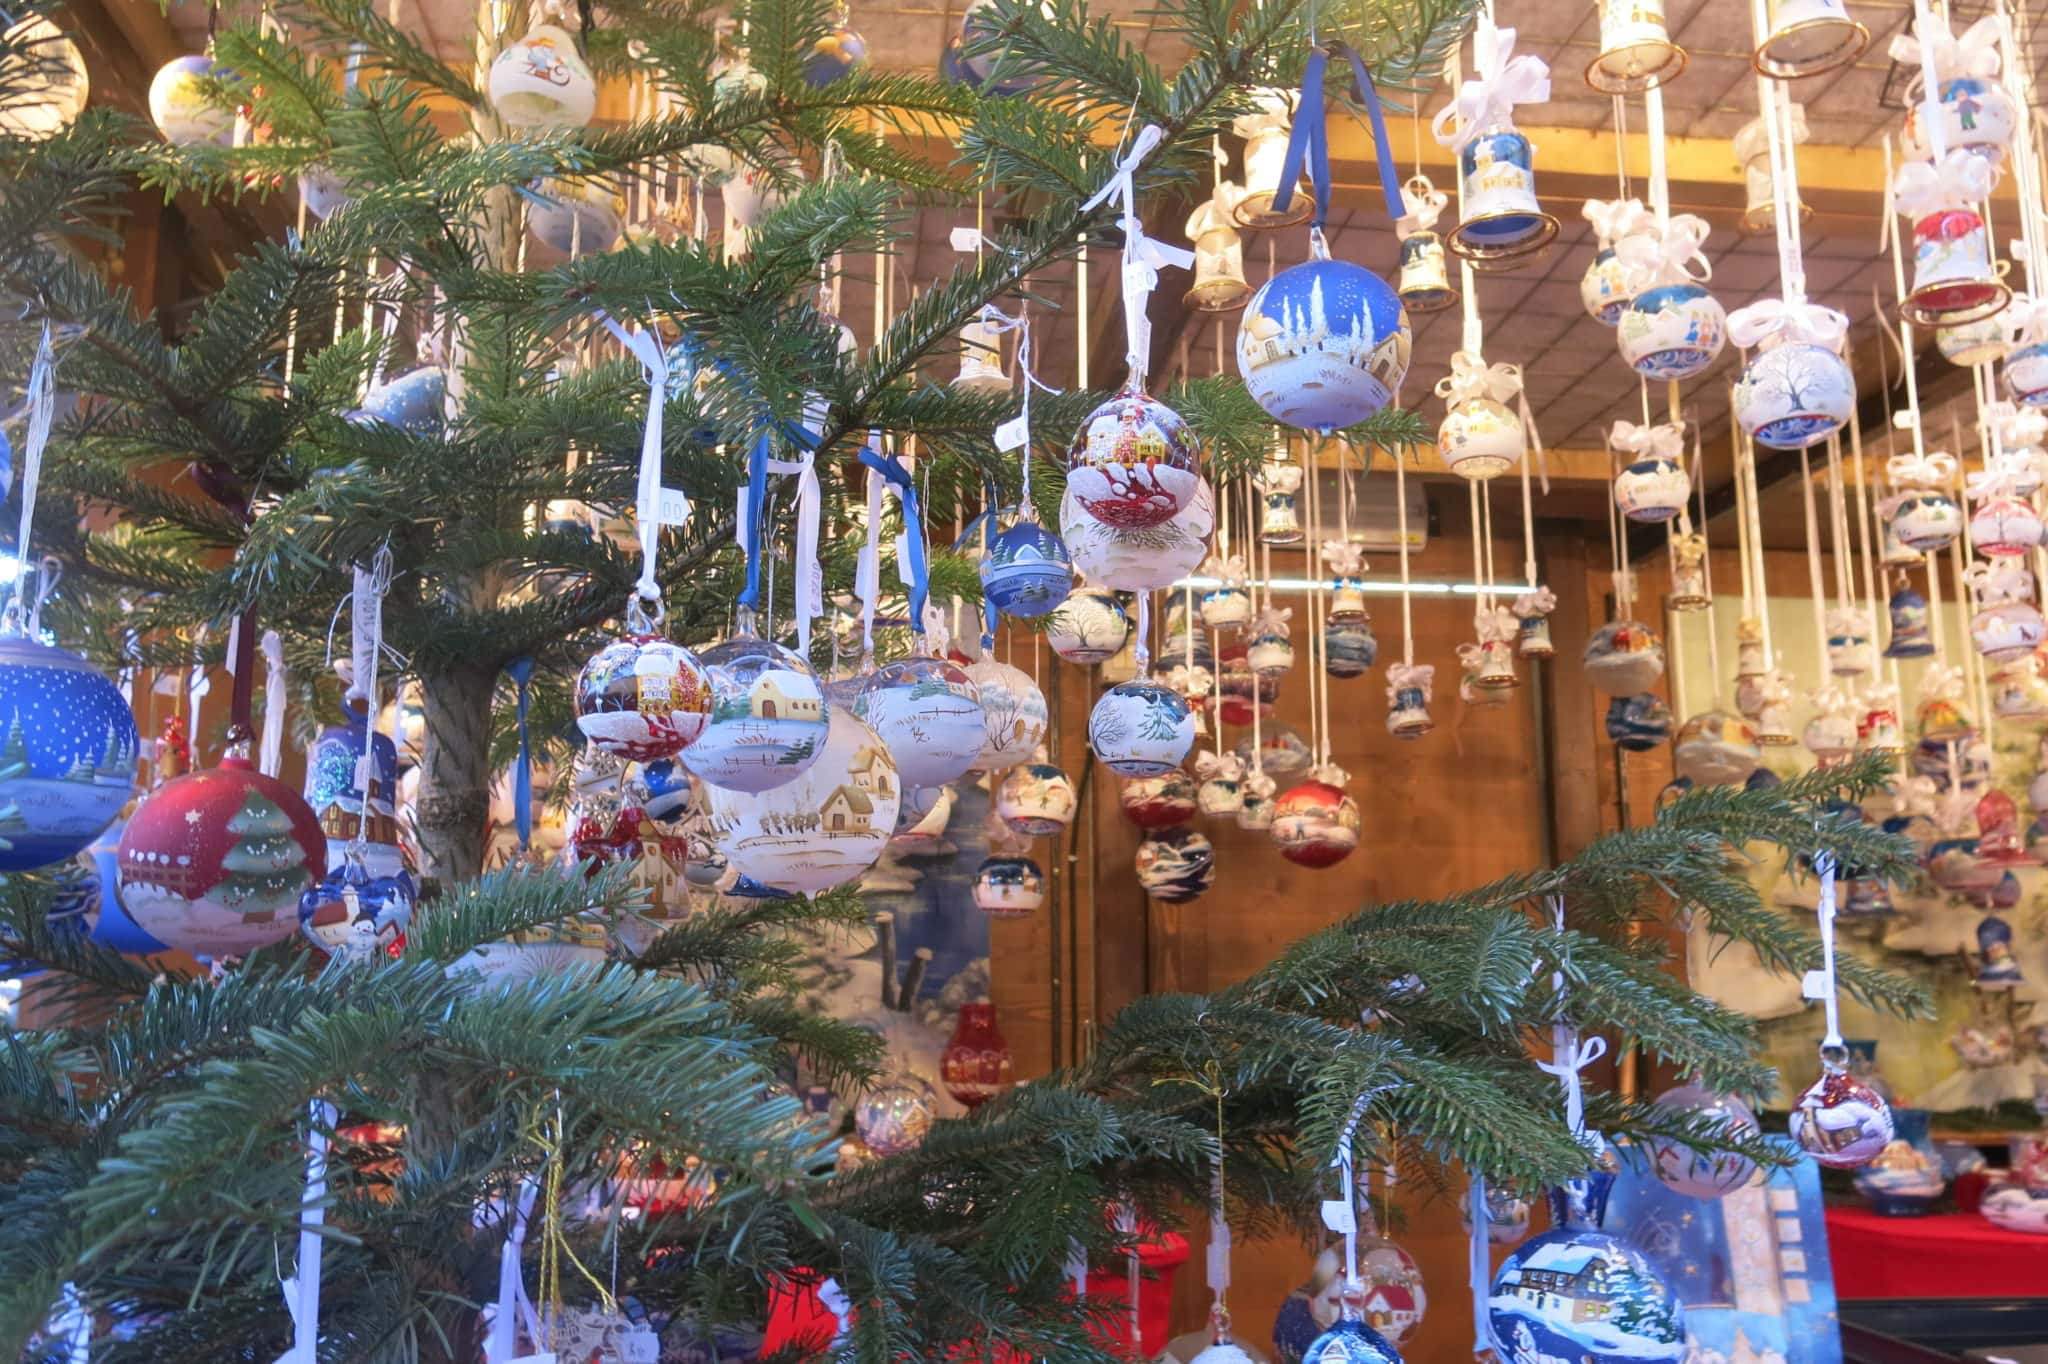 http://www.daichepartiamo.com/consigli/consigli-pratici-per-visitare-le-citta-in-inverno/